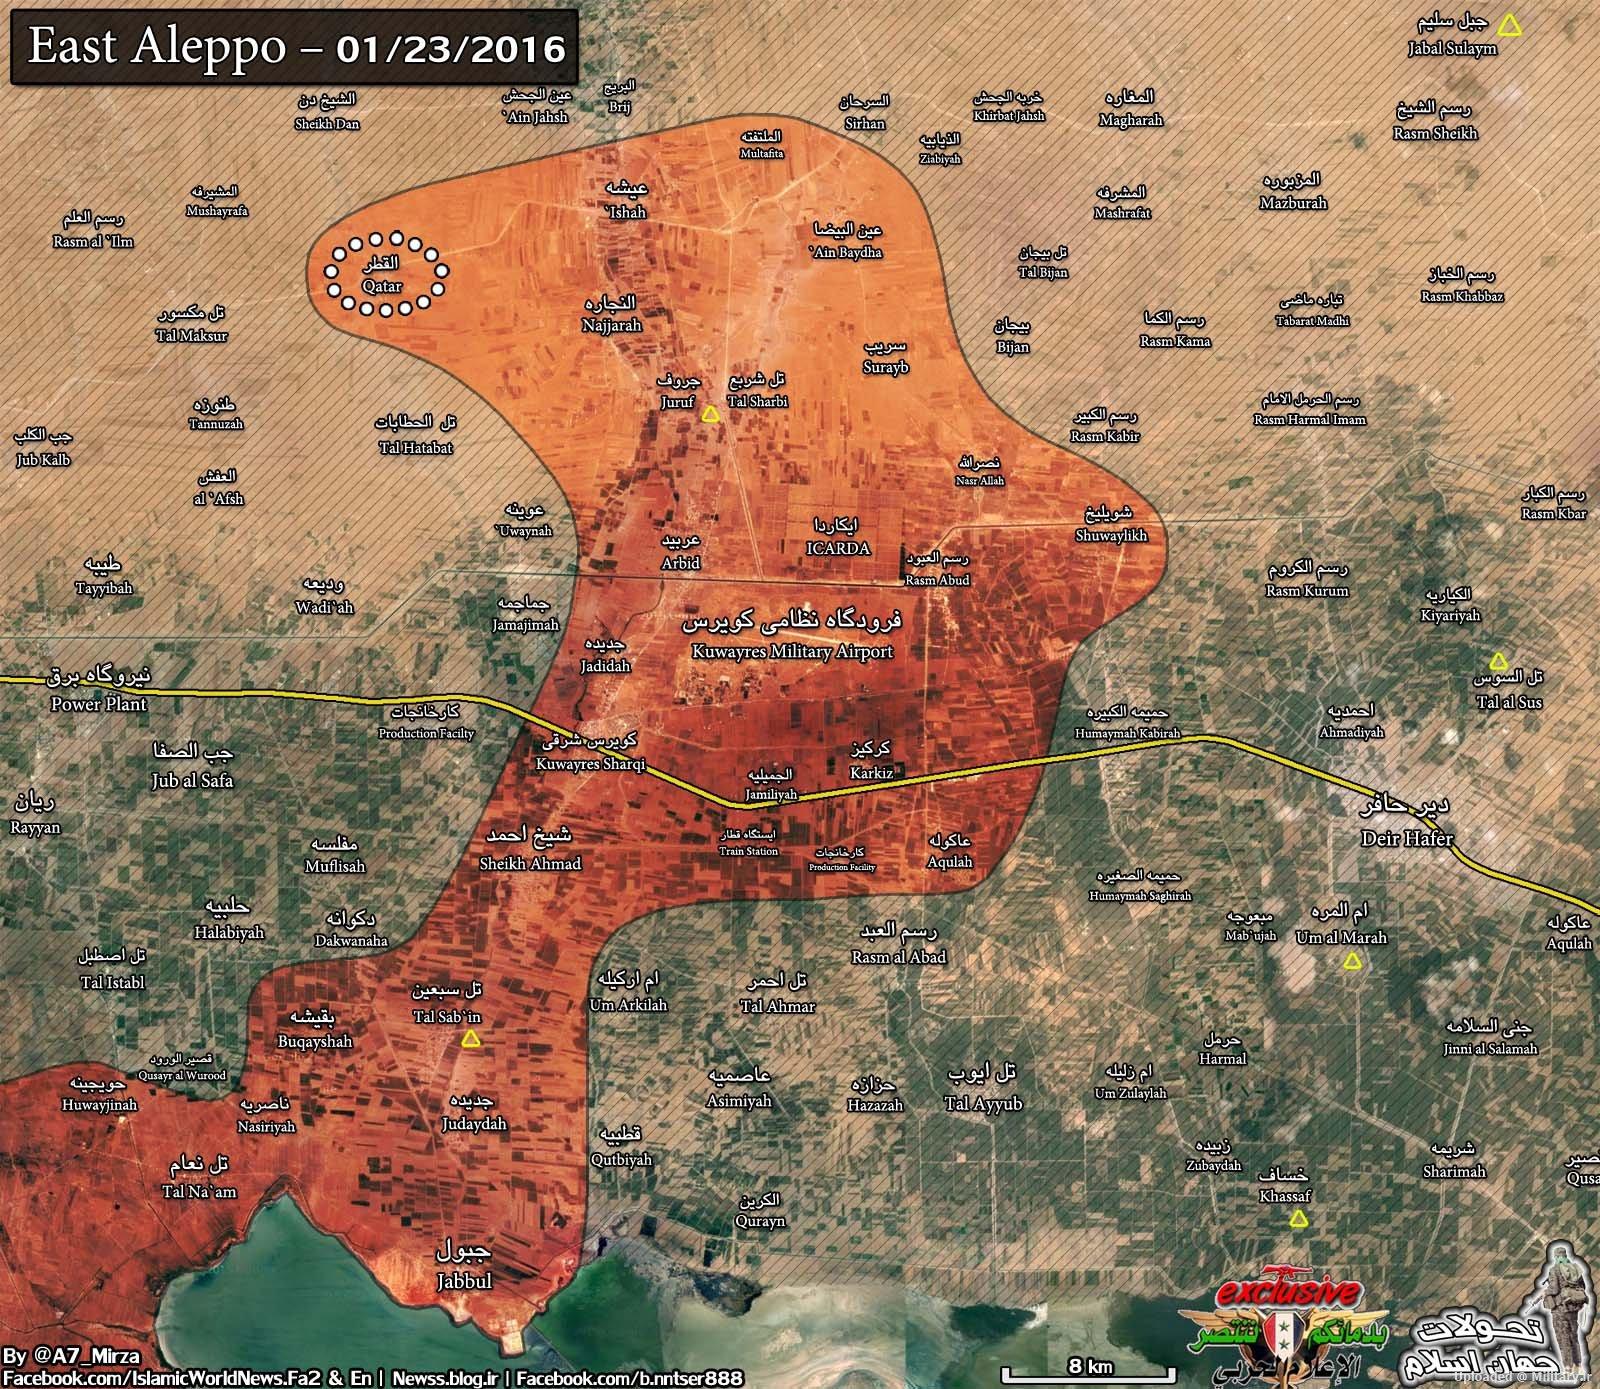 East_Aleppo_1km_cut3_23jan_3bahman.JPG